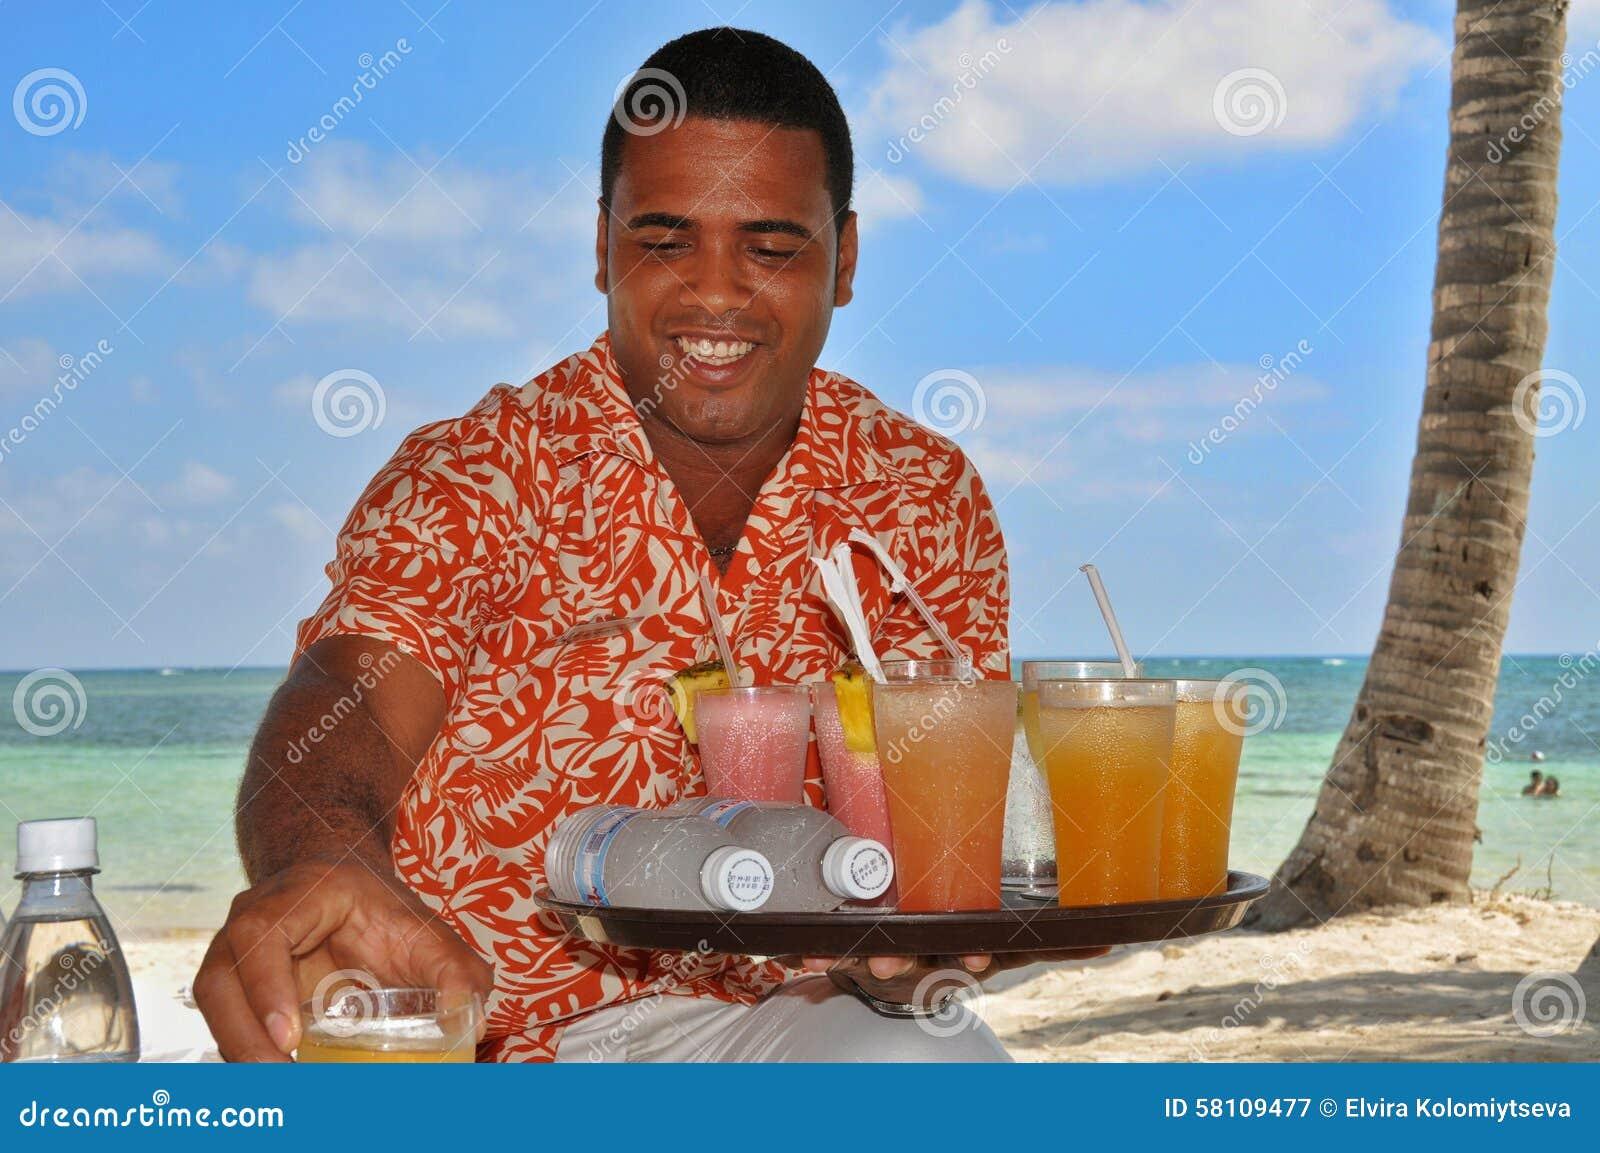 多米尼加共和国的好客翻译和热烈欢迎